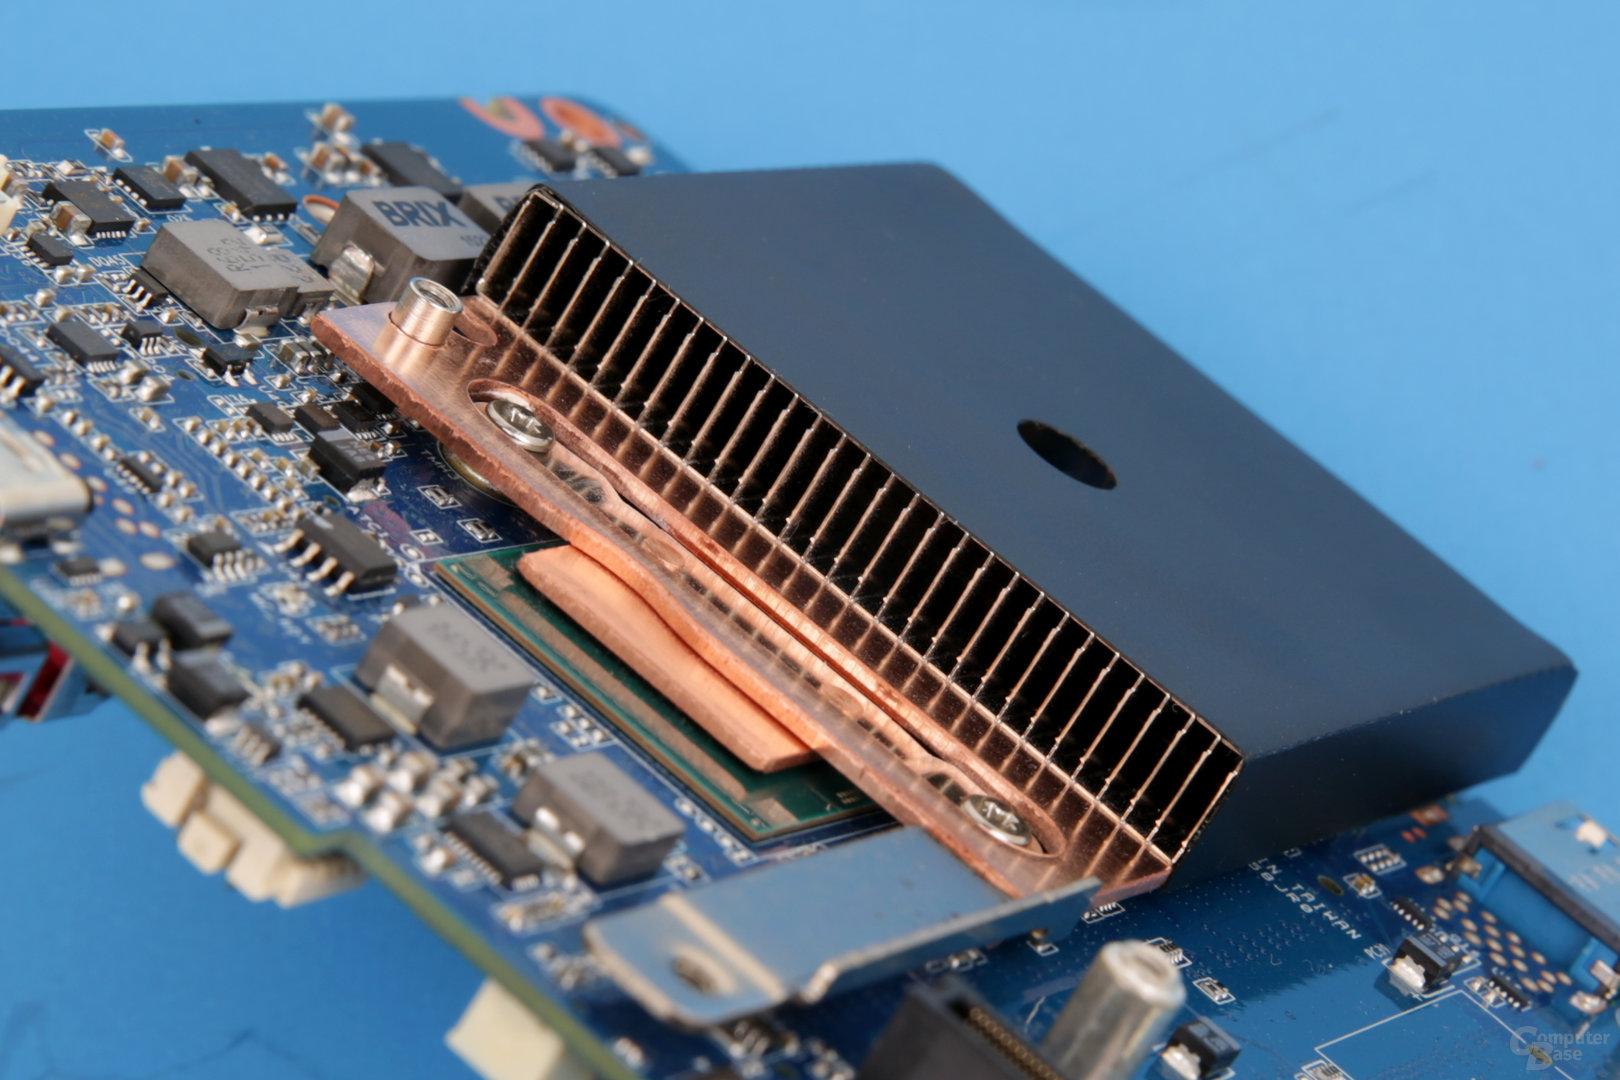 Kühler im Gigabyte Brix GB-BSi5A-6200